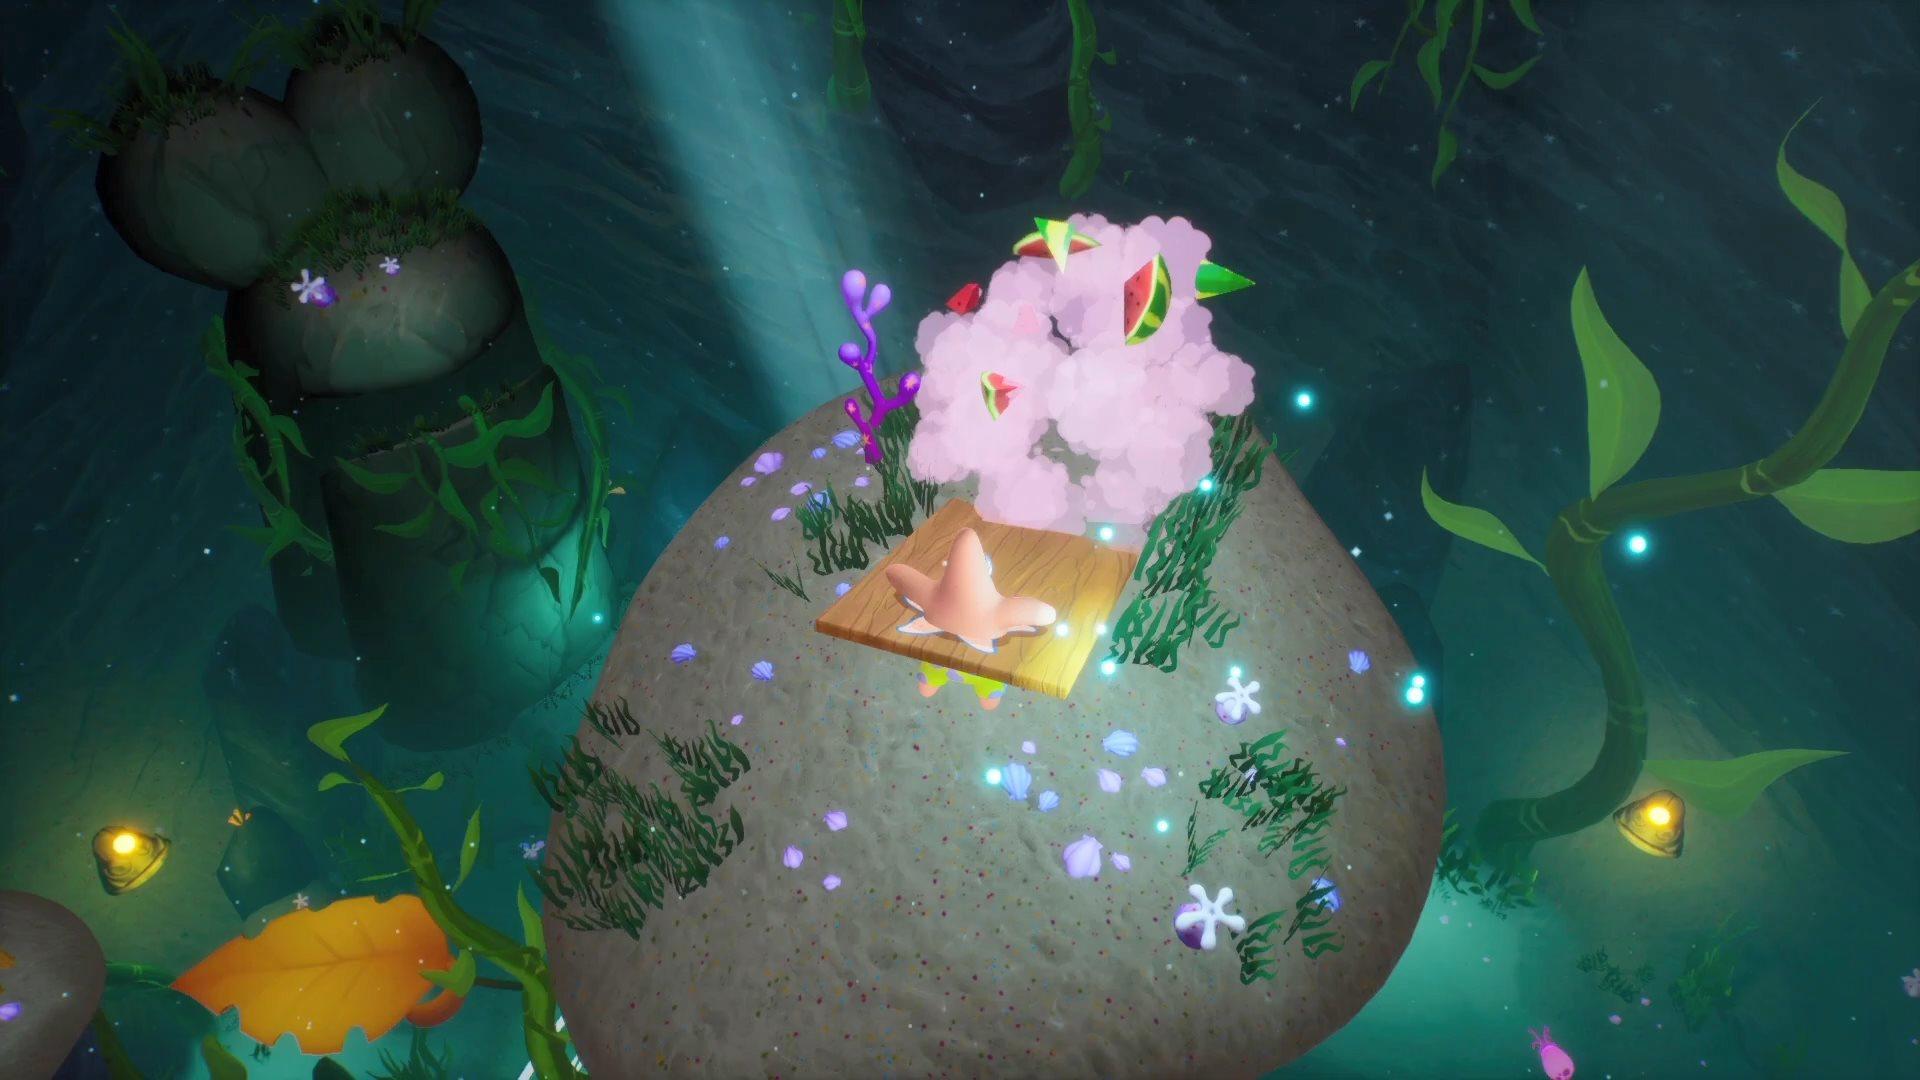 《海绵宝宝:争霸比基尼海滩 再注水》海藻森林场景预告